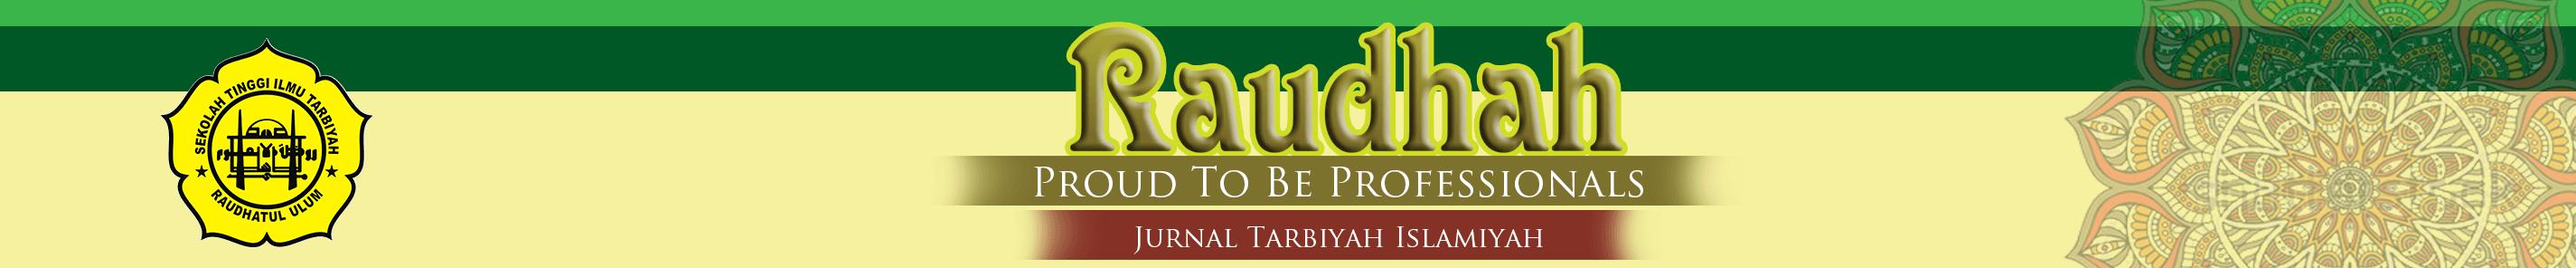 header-jurnal-raudhah